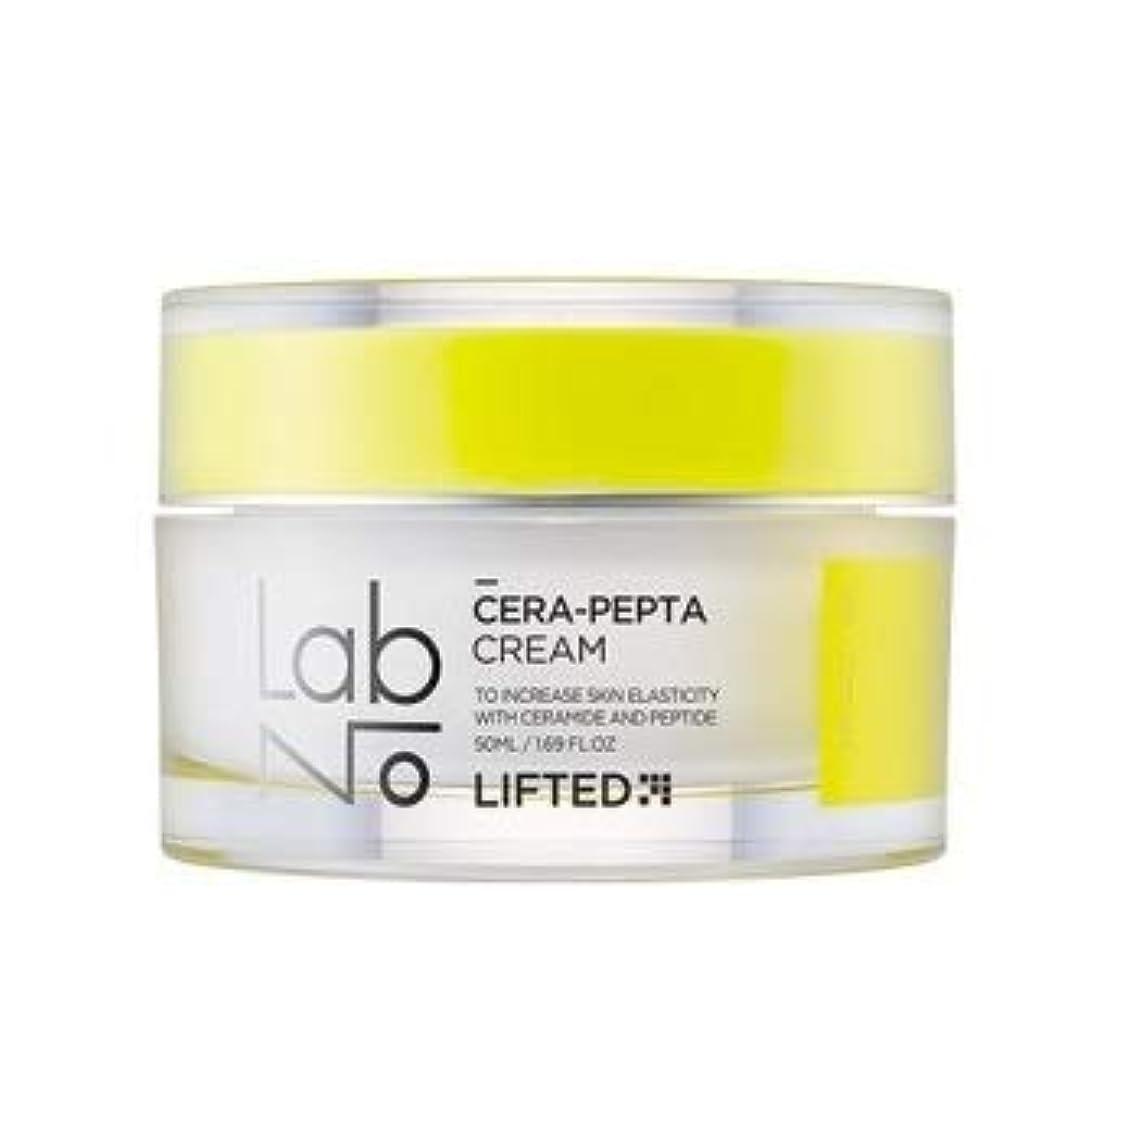 観客水分白いLabNo リフテッド セラ-ペプタ クリーム / Lifted Sera-Pepta Cream (50ml) [並行輸入品]